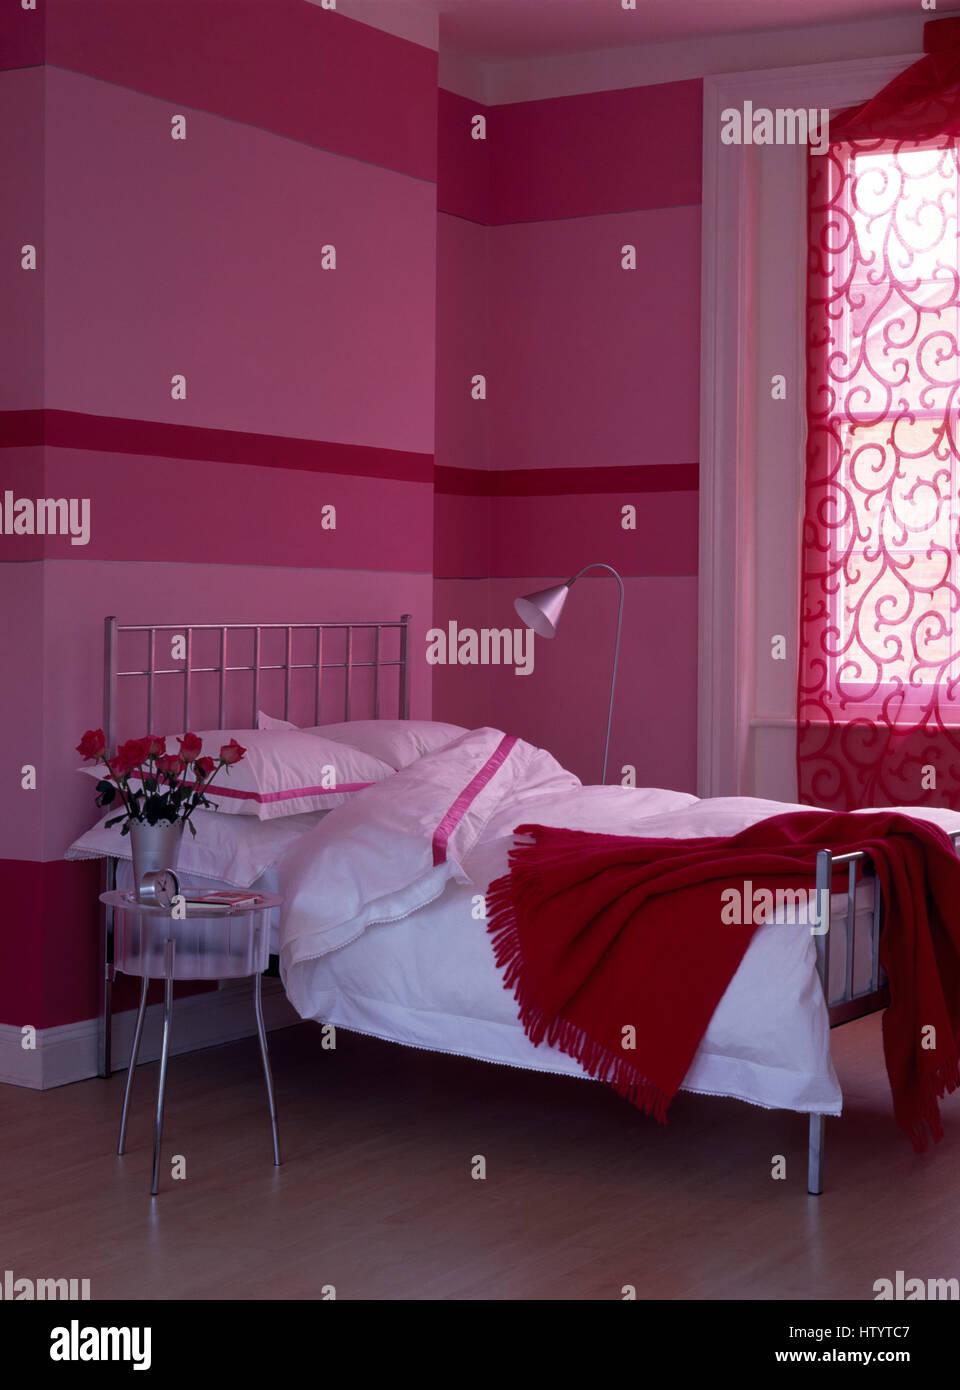 Mur peint en bandes horizontales dans un style économique rose ...